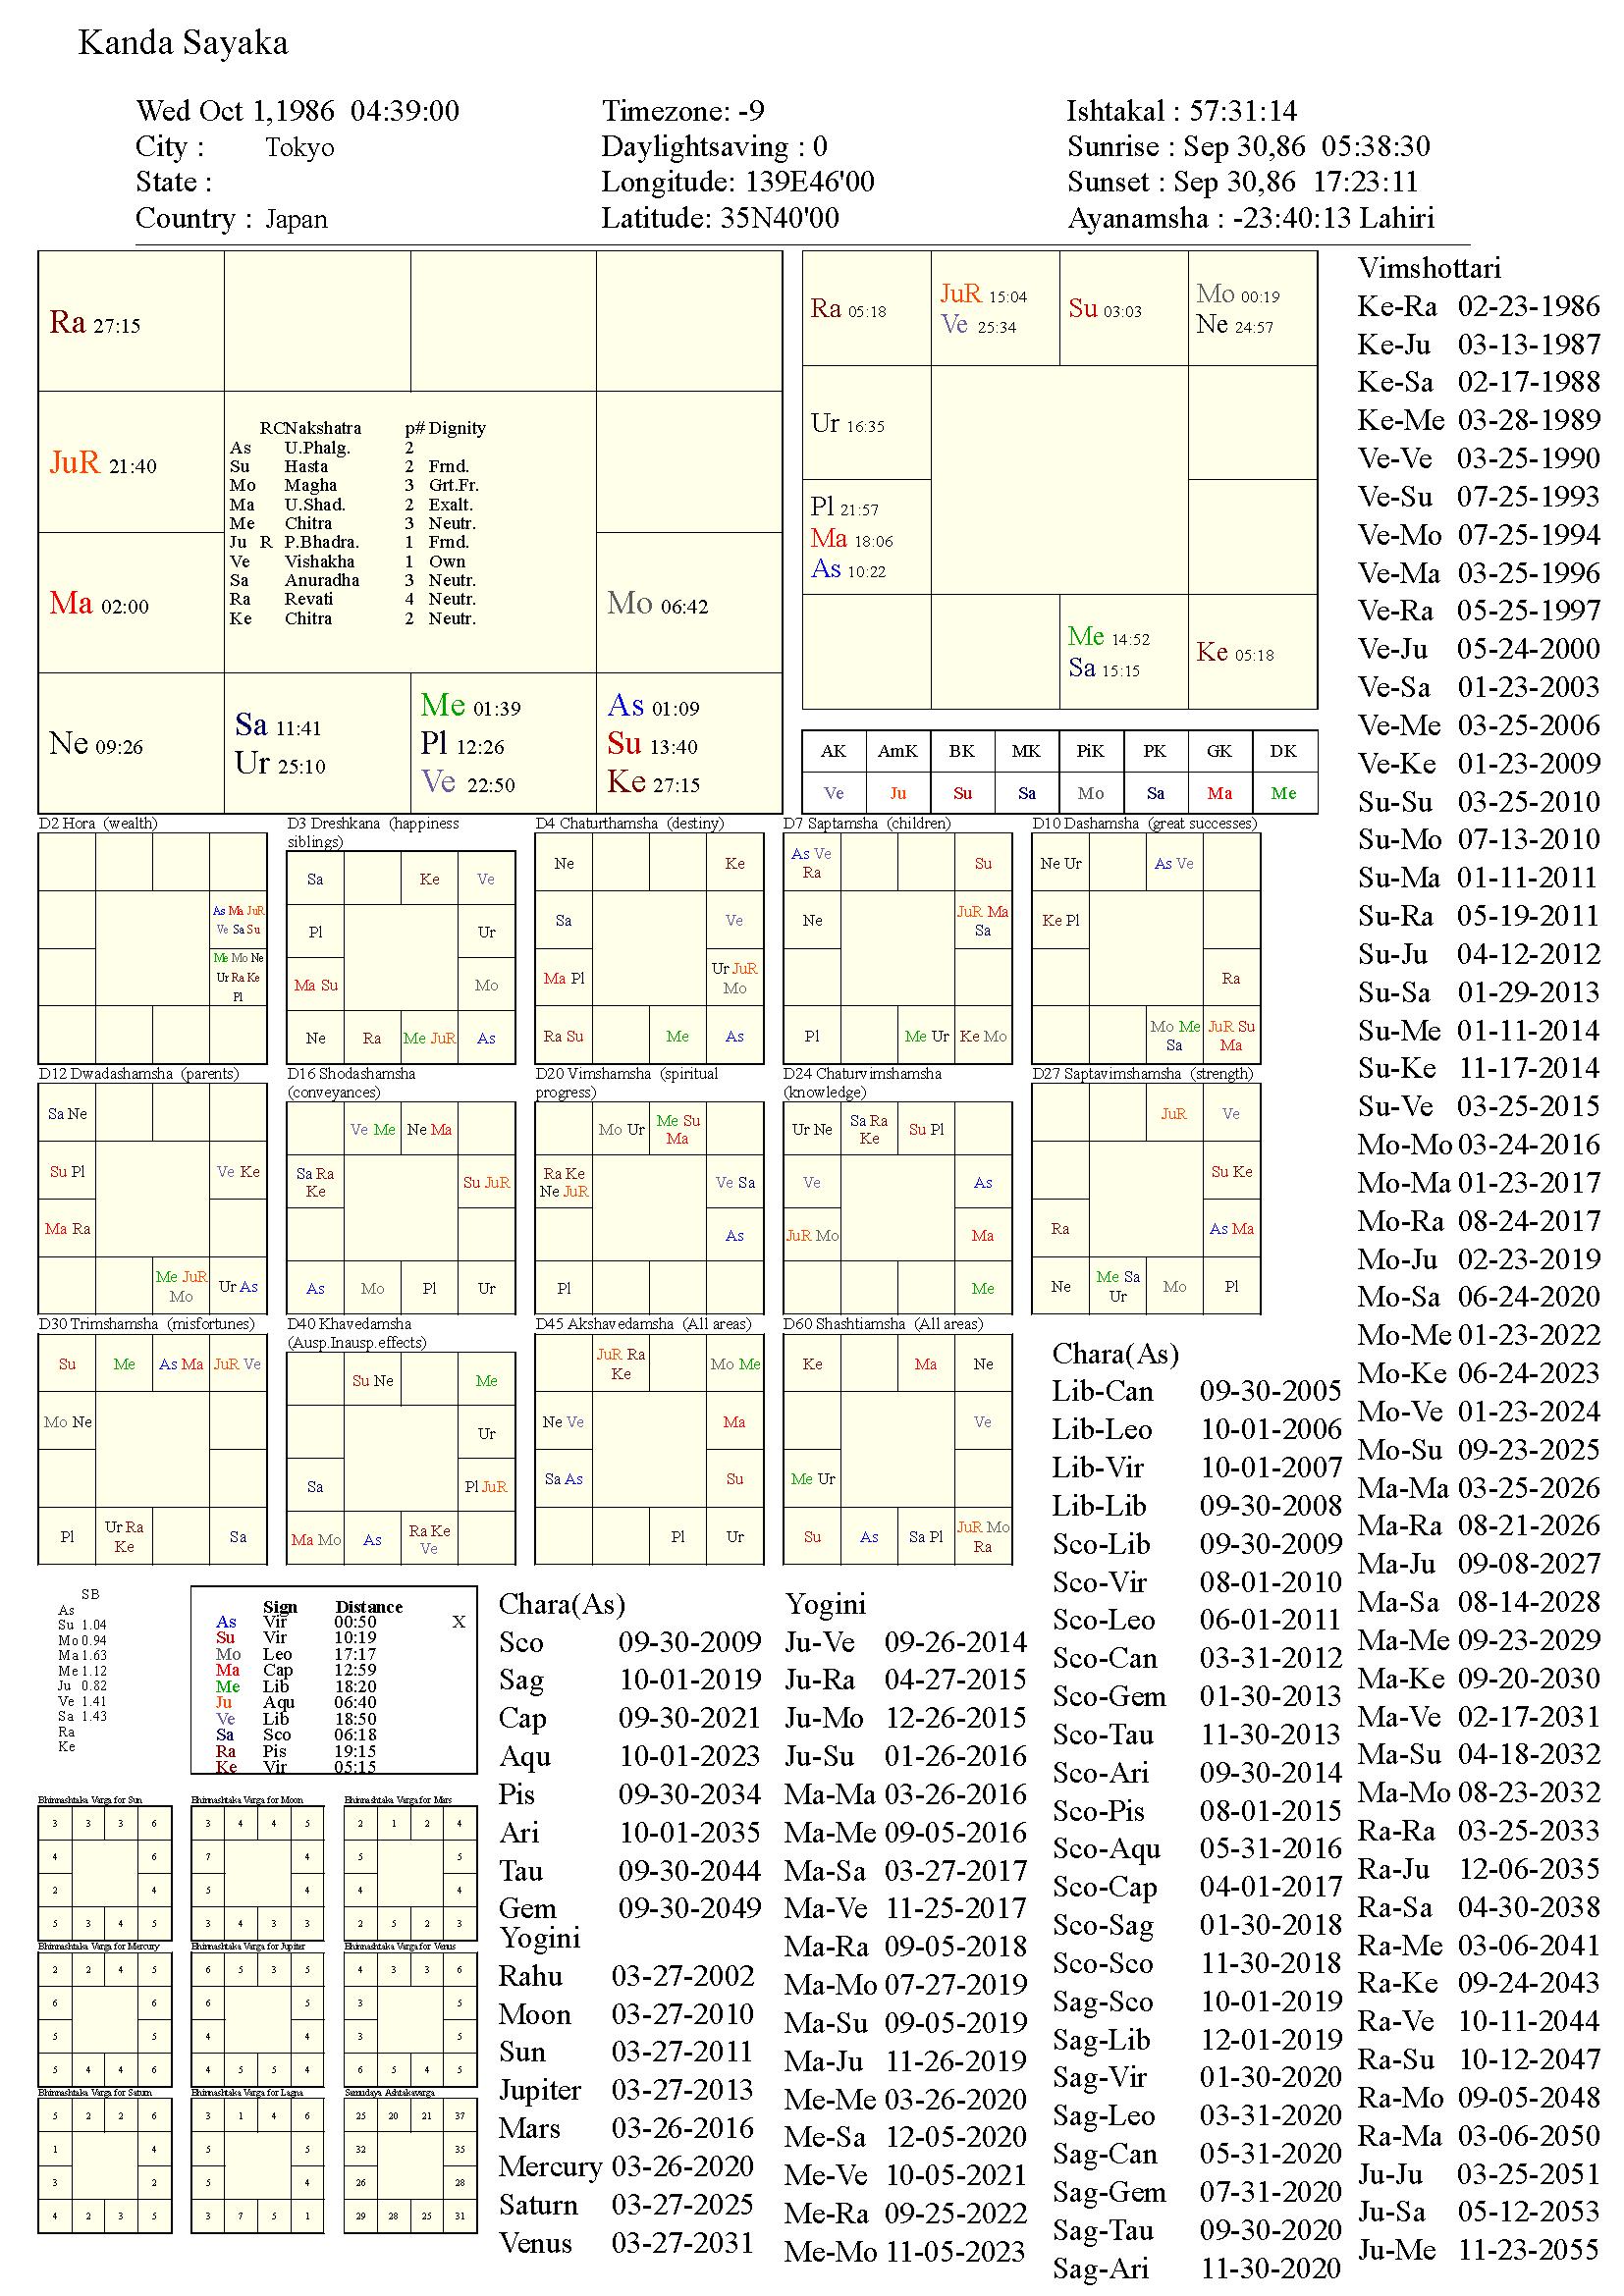 kandasayaka_chart